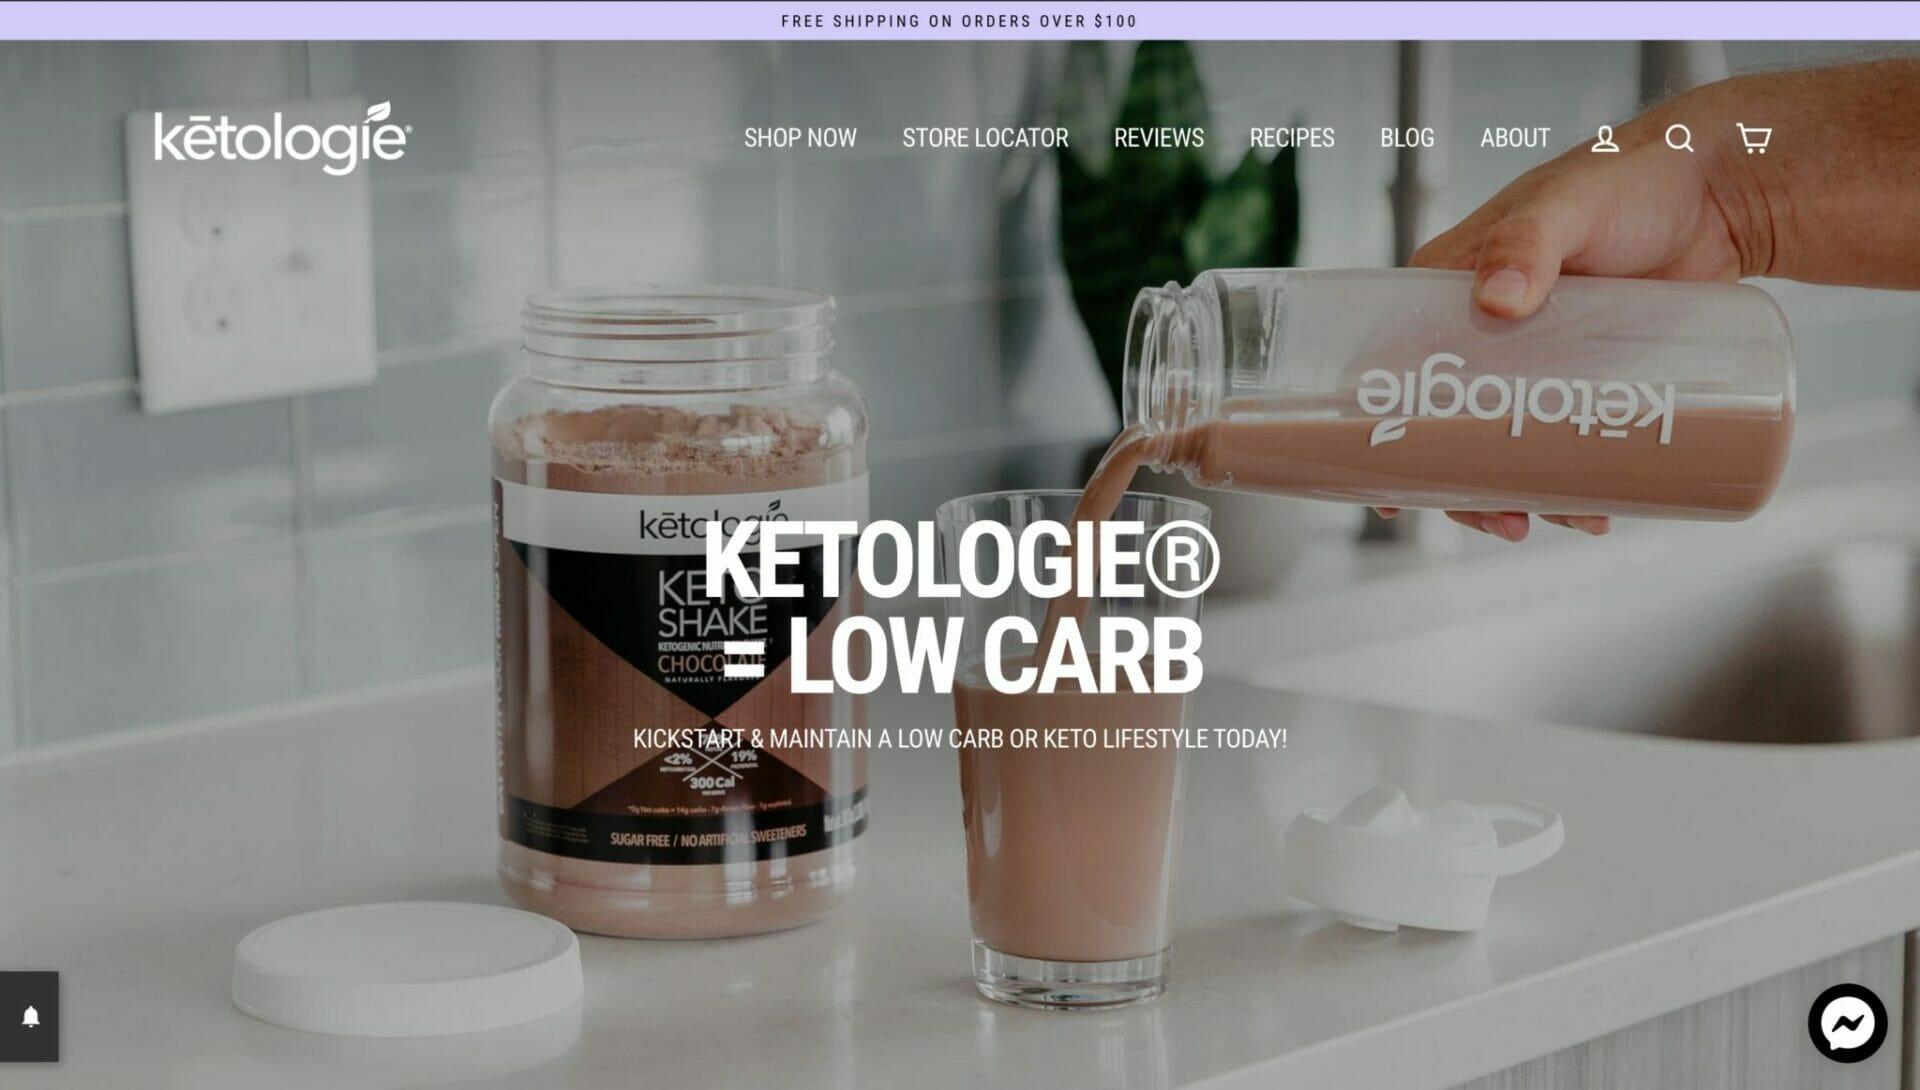 Ketologie homepage